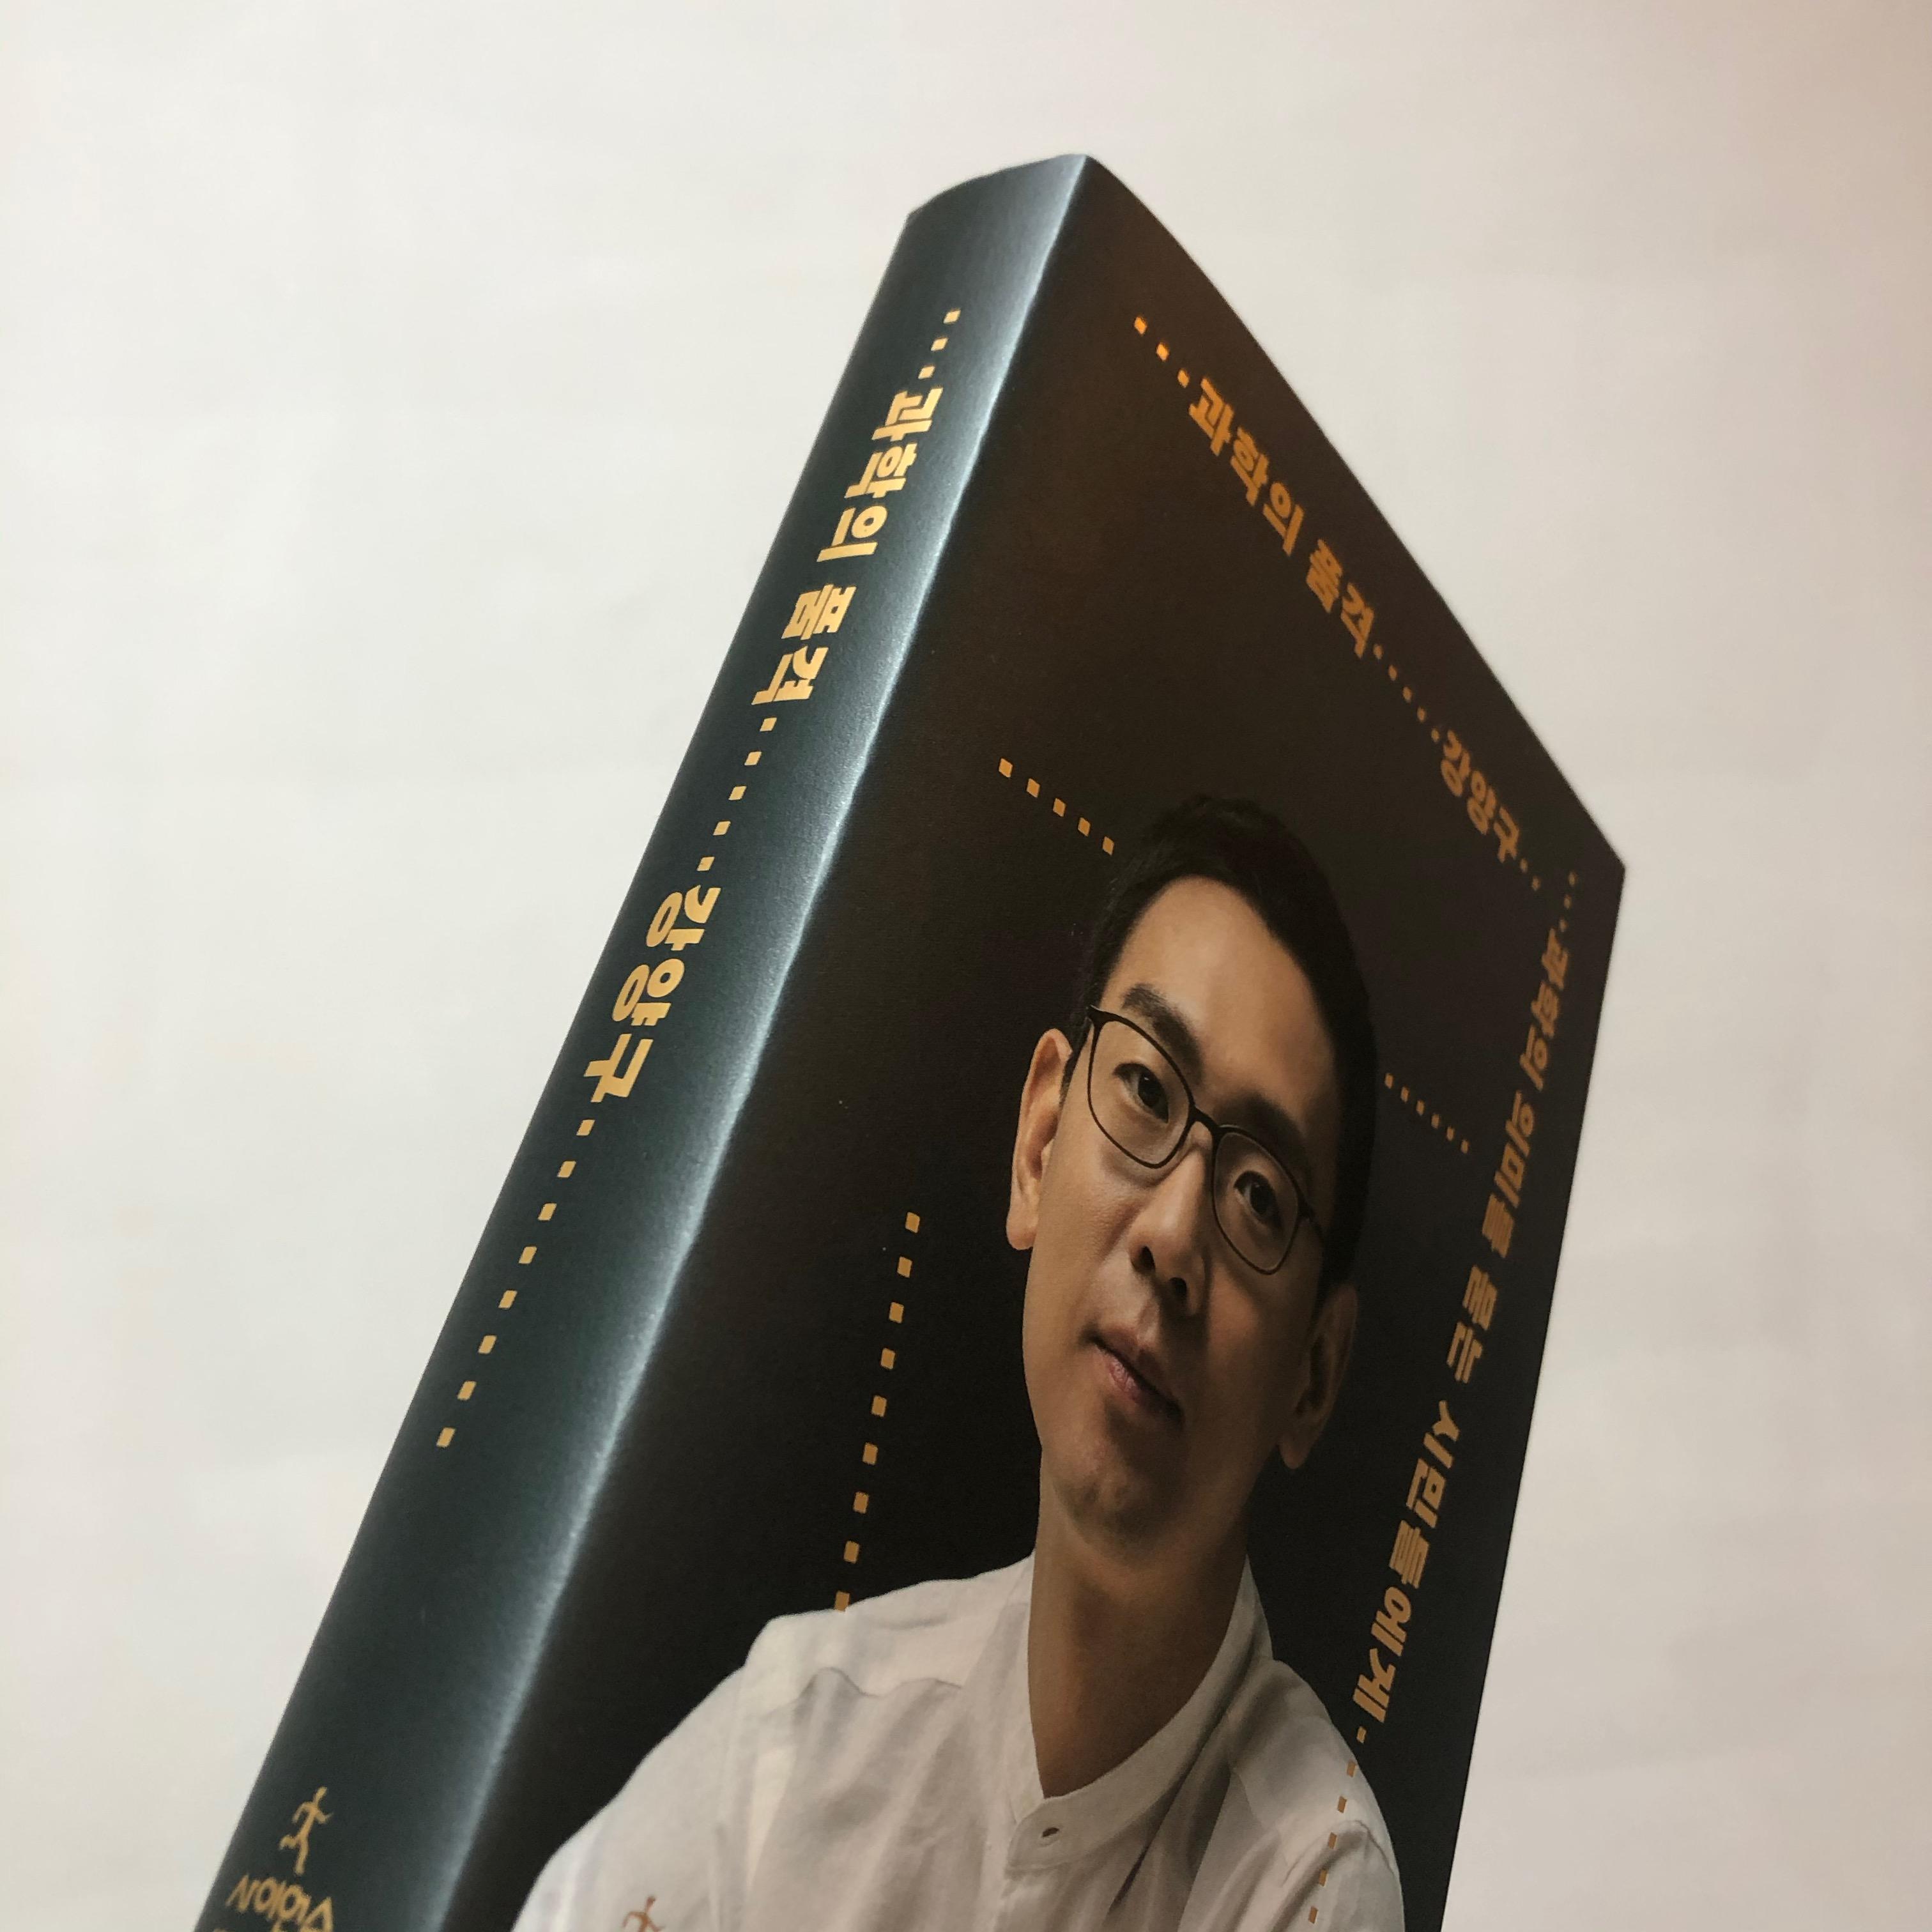 과학의 품격 (book design)